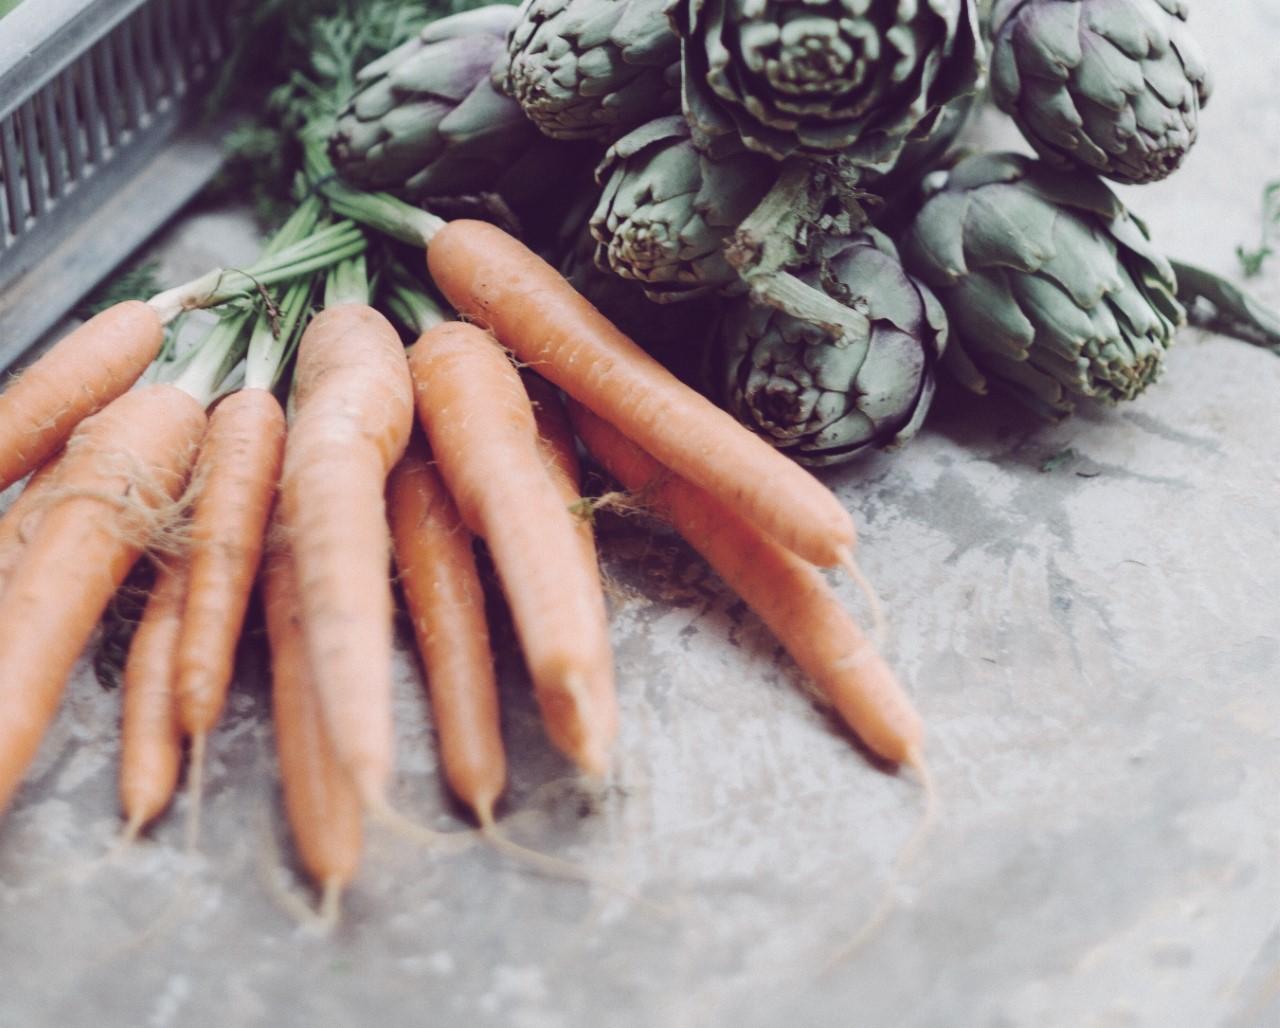 Kuukauden porkkana: Joulukuu 2019